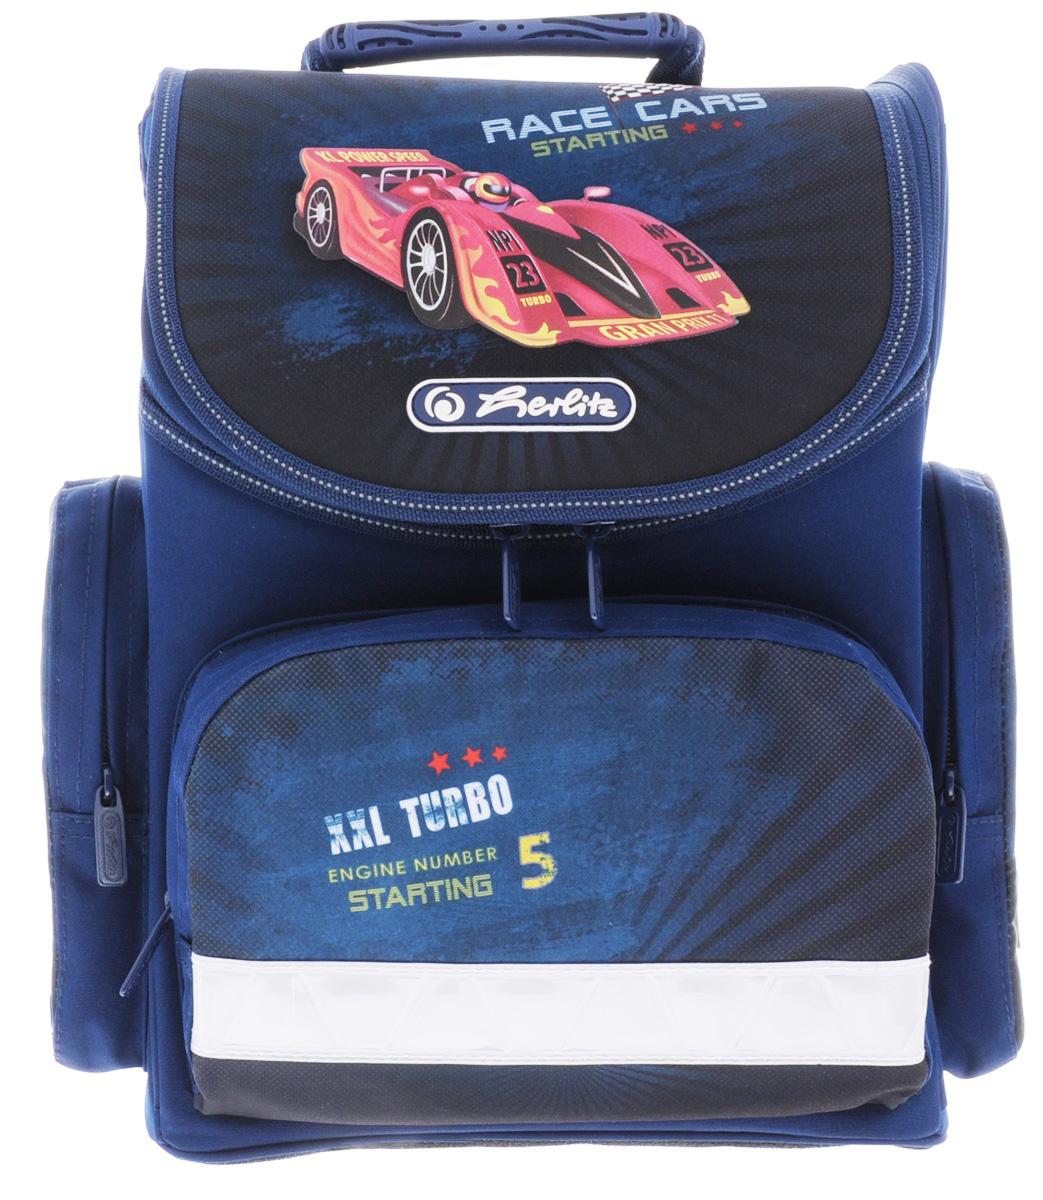 Herlitz Ранец школьный Race Cars72523WDШкольный ранец Herlitz Mini. Race Cars выполнен из легкого и прочного материала.Ранец имеет одно основное отделение, закрывающееся на молнию с двумя бегунками. Клапан полностью откидывается, что существенно облегчает пользование ранцем. На внутренней части клапана находится прозрачный пластиковый кармашек, в который можно поместить данные о владельце ранца.Внутри главного отделения расположена мягкая перегородка для тетрадей или учебников. На лицевой стороне ранца расположен накладной карман на застежке-молнии. По бокам ранца размещены два накладных кармана на молнии.Ортопедическая спинка, созданная по специальной технологии из дышащего материала, равномерно распределяет нагрузку на плечевые суставы и спину. В нижней части спинки расположен поясничный упор - небольшой валик, на который при правильном ношении ранца будет приходиться основная нагрузка.Изделие оснащено удобной ручкой для переноски в руке и двумя широкими лямками, регулируемой длины. У ранца имеются светоотражатели. Дно ранца из прочного материала легко очищается от загрязнений.Многофункциональный школьный ранец станет незаменимым спутником вашего ребенка в походах за знаниями.Вес ранца без наполнения: 1 кг.Рекомендуемый возраст: от 6 лет.